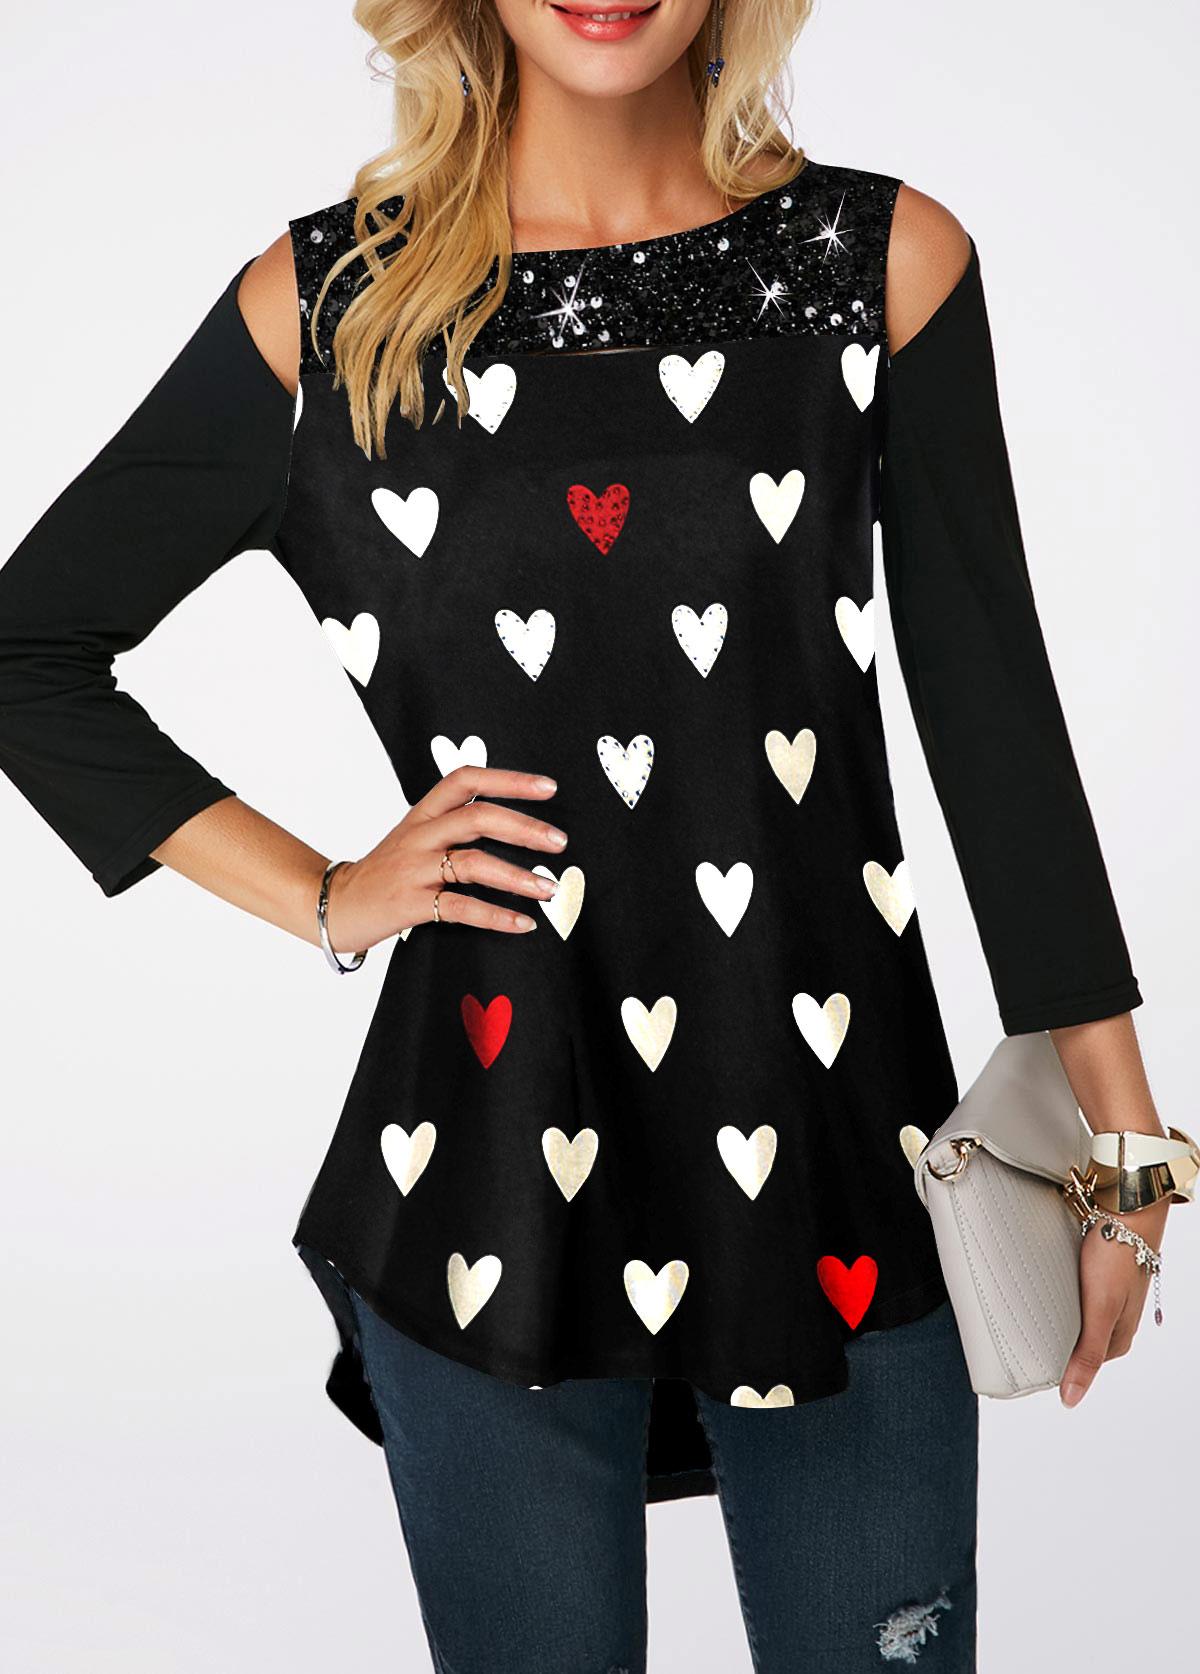 Sequin Embellished Cold Shoulder Heart Print T Shirt